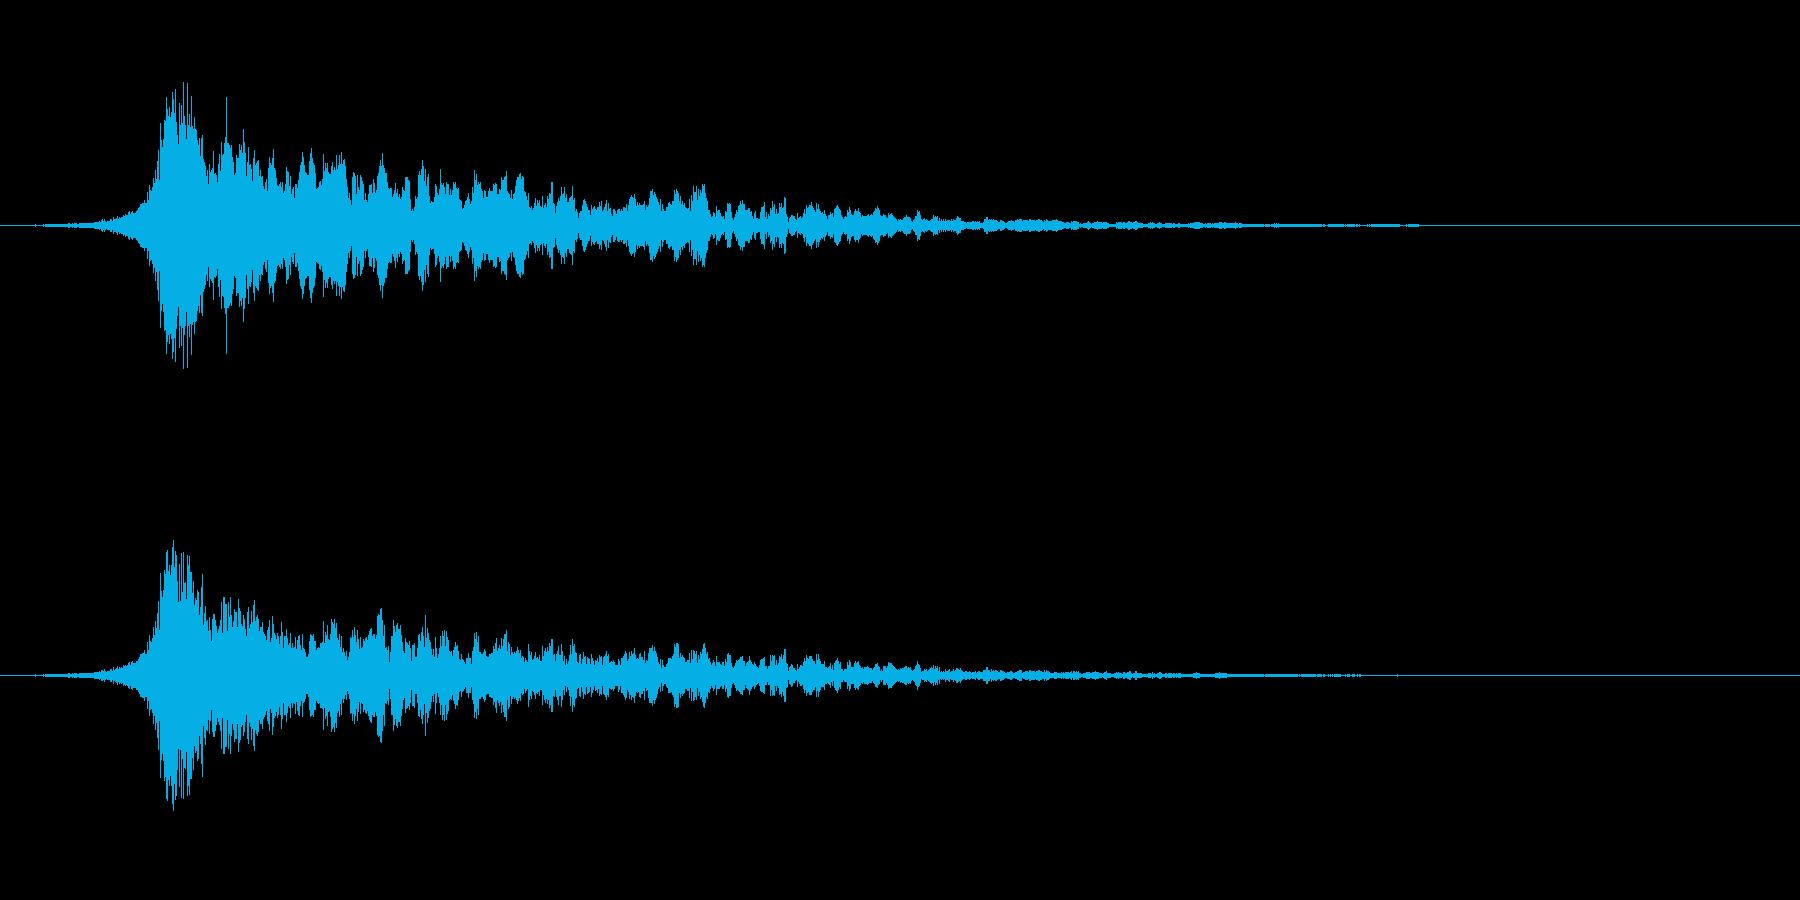 ミッション、クエスト成功などの効果音の再生済みの波形